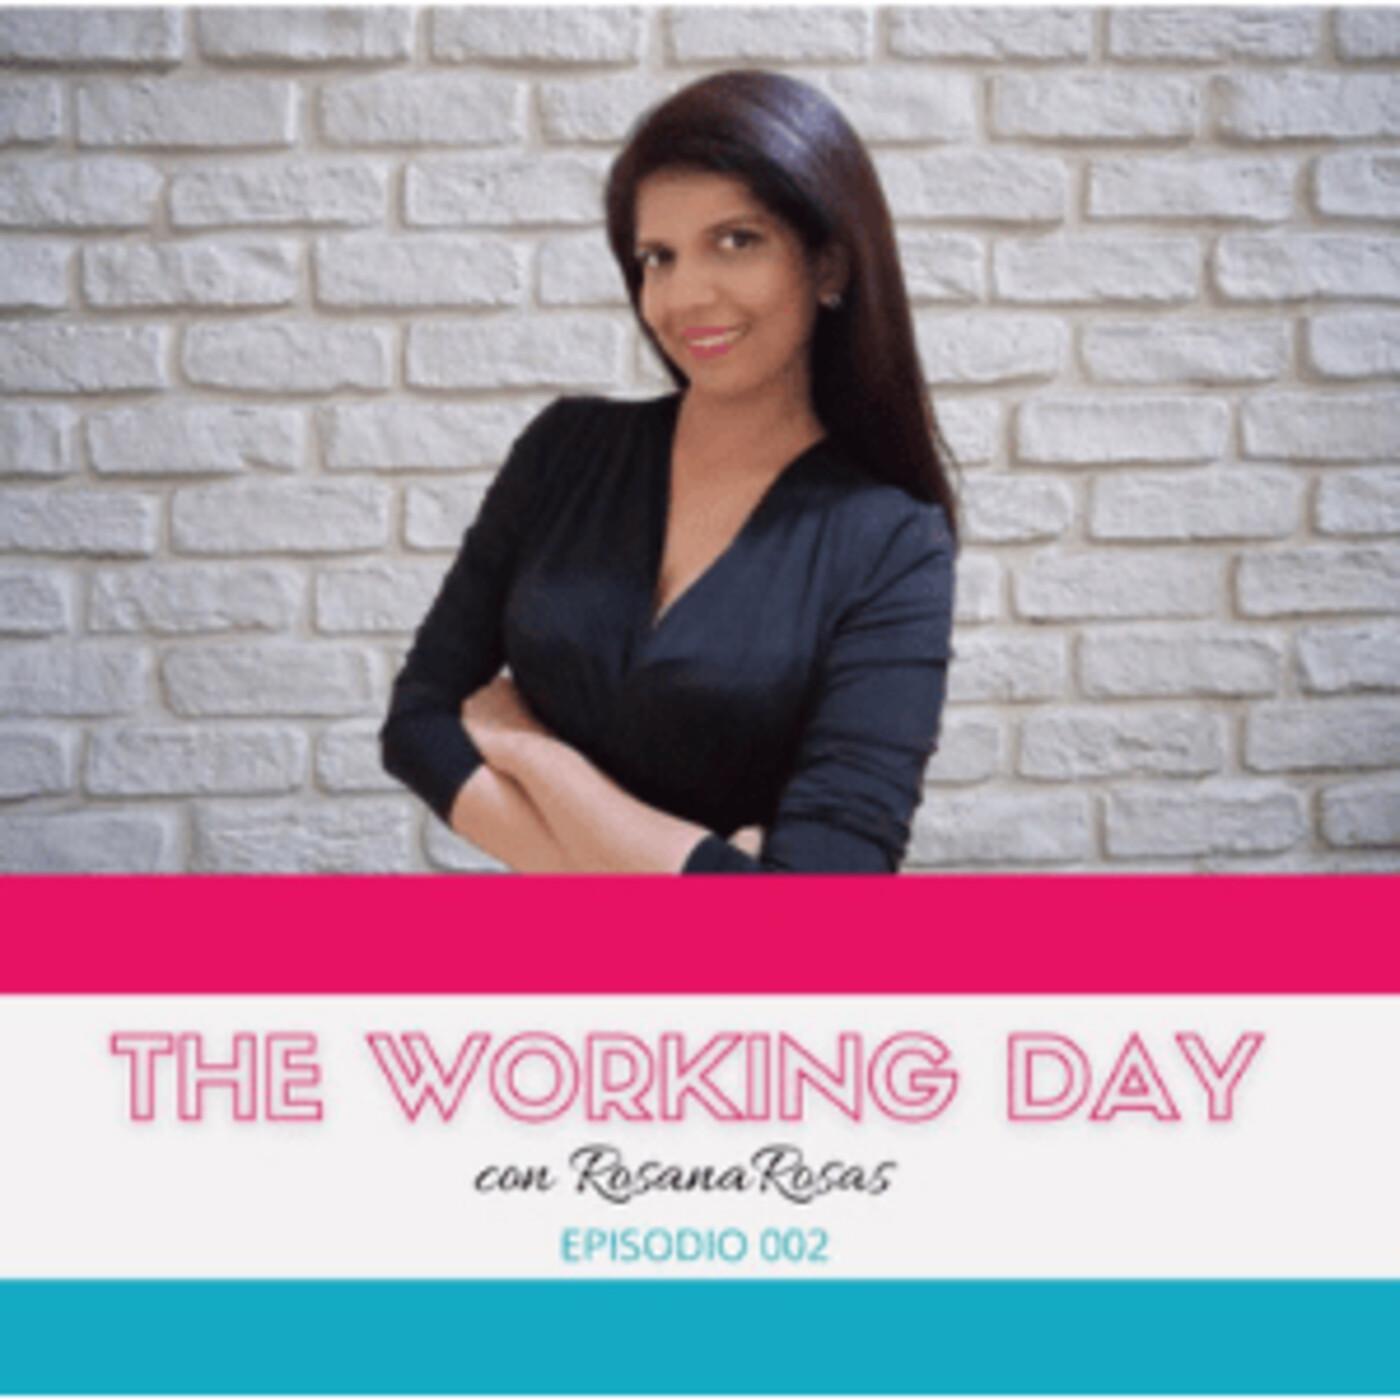 10 Consejos útiles para trabajar desde casa | Ep.2 en The Working Day